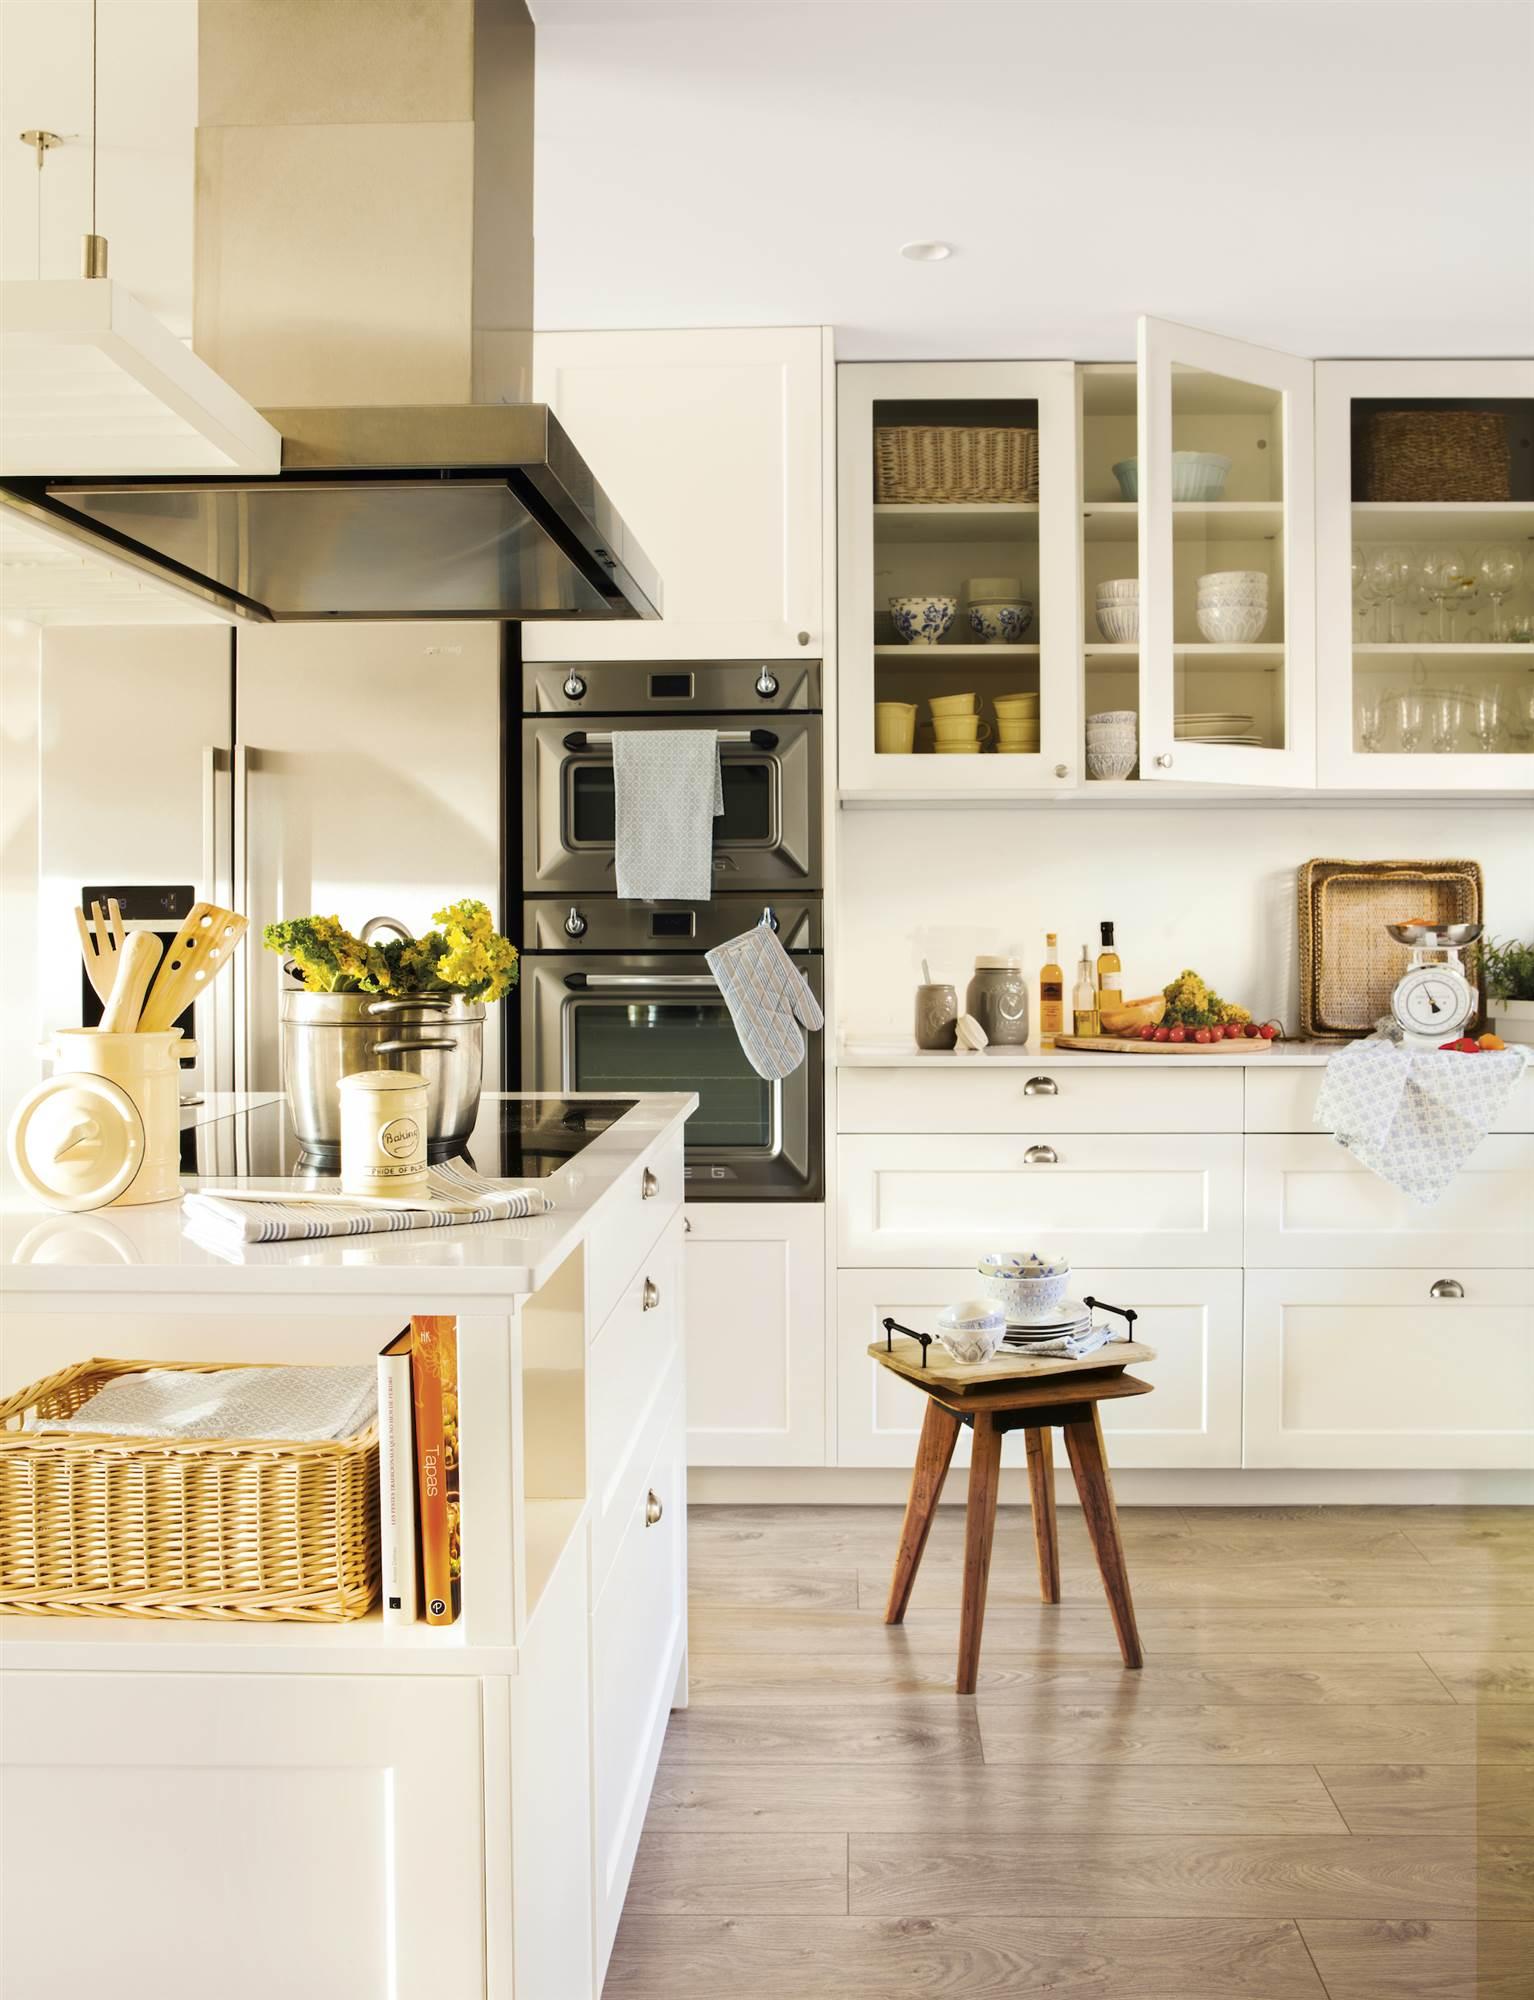 2339 Fotos de Cocinas - Pagina 4